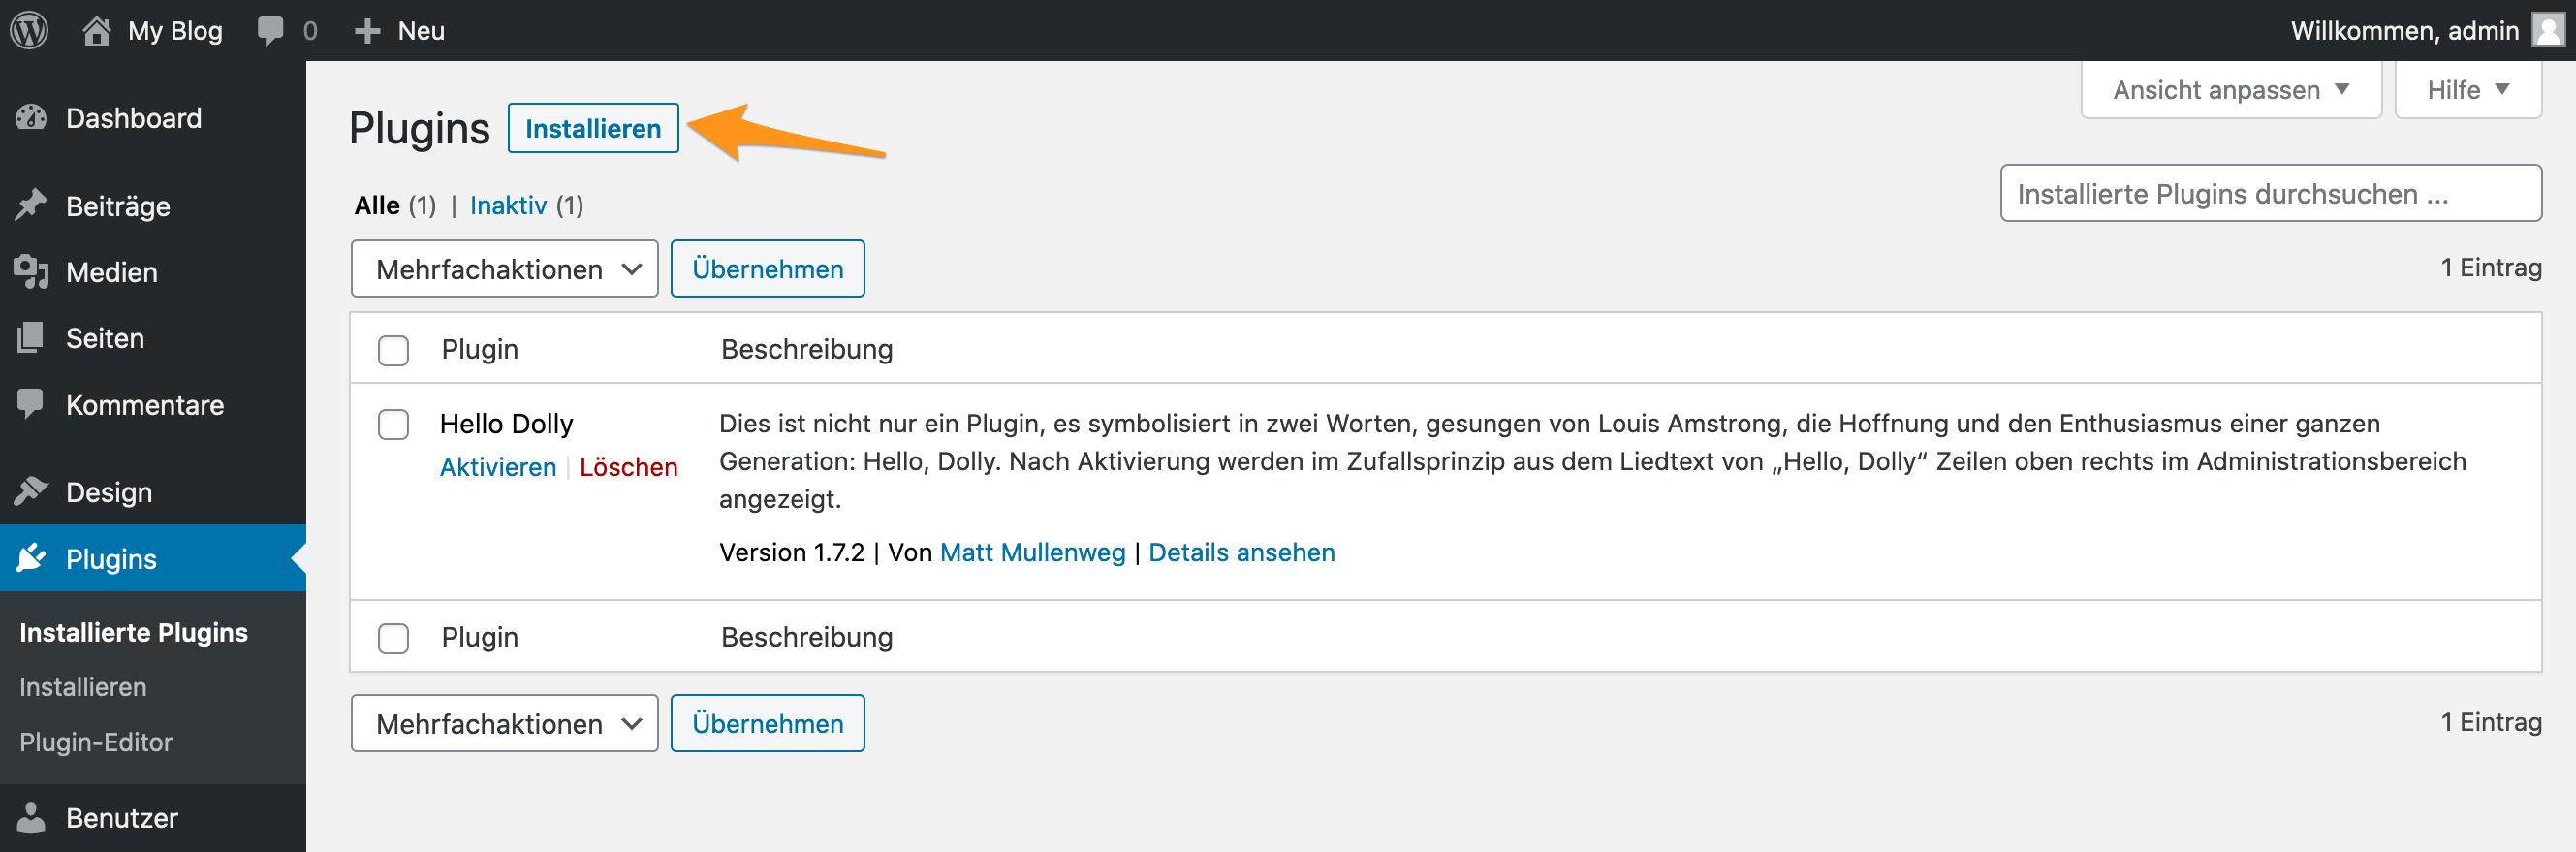 Seite «Plugins» im WordPress-Backend